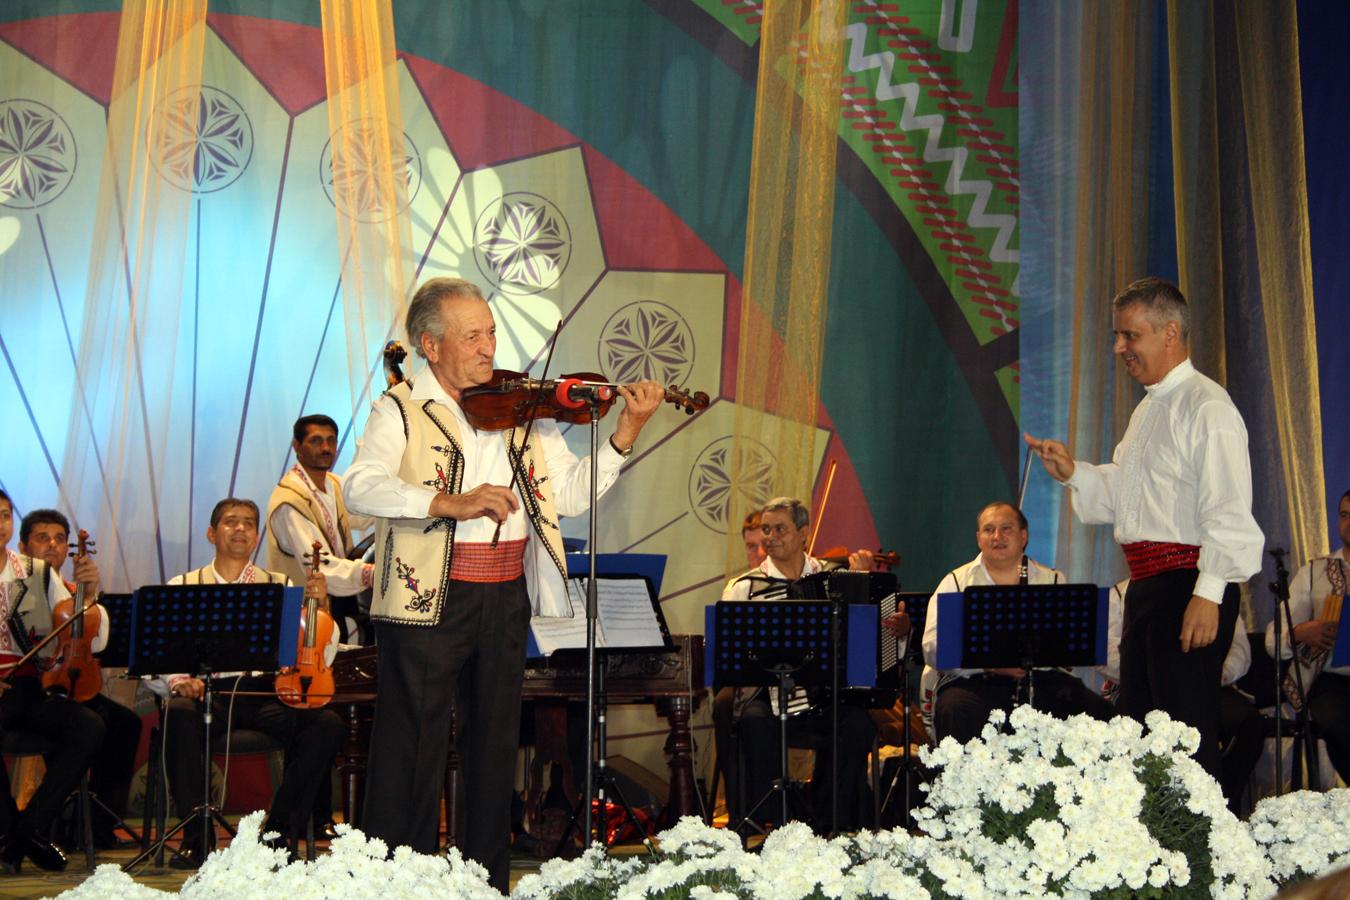 Florea Ghinea si orchestra \'\'Doina Baraganului\'\' - recital